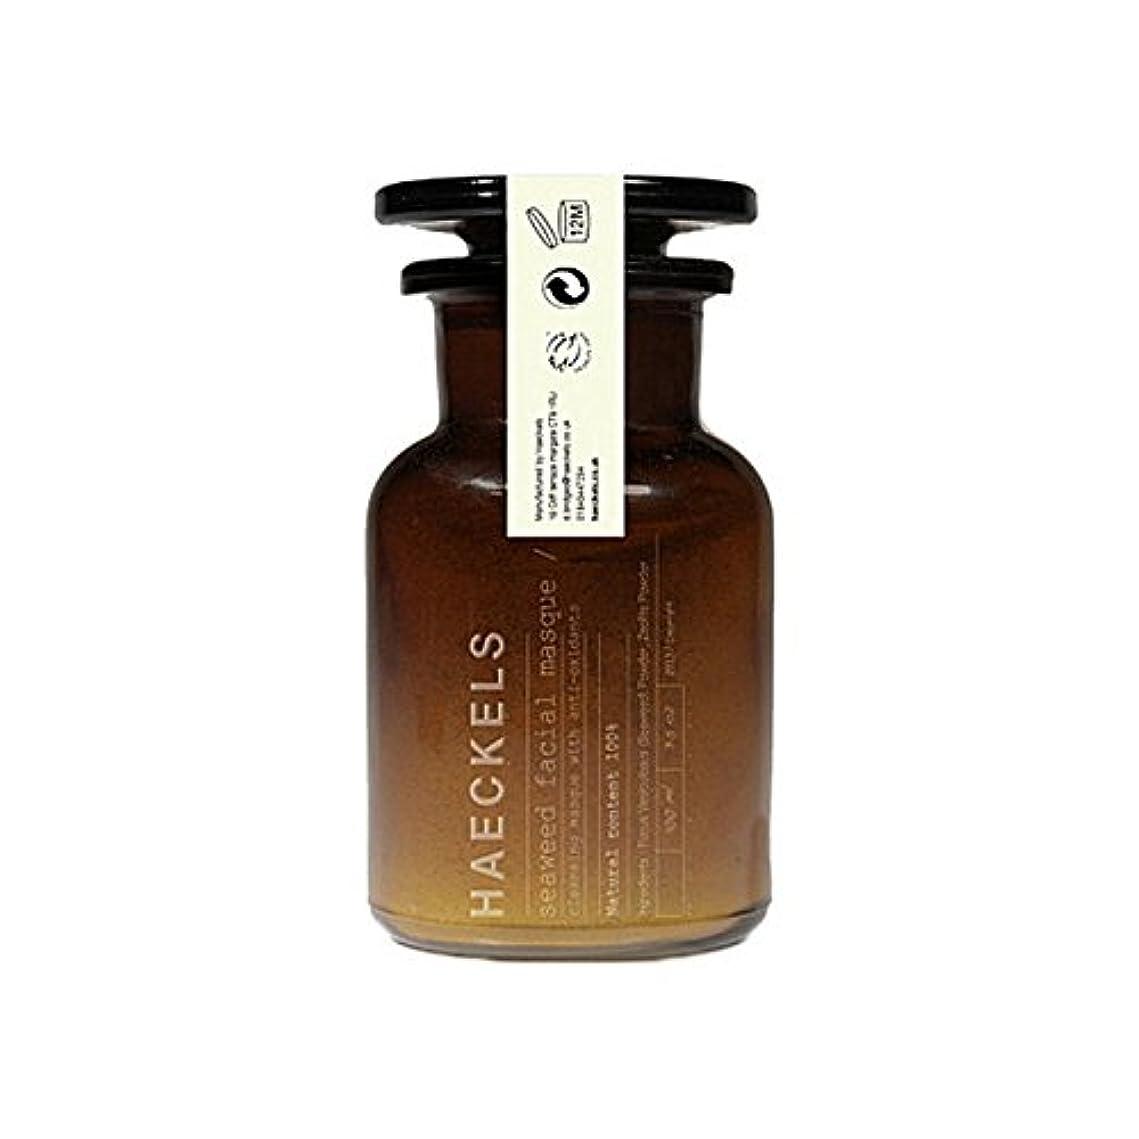 ハウスカーフアフリカ人海藻やミネラルフェイスマスク100ミリリットルを x4 - Haeckels Seaweed And Mineral Face Mask 100Ml (Pack of 4) [並行輸入品]